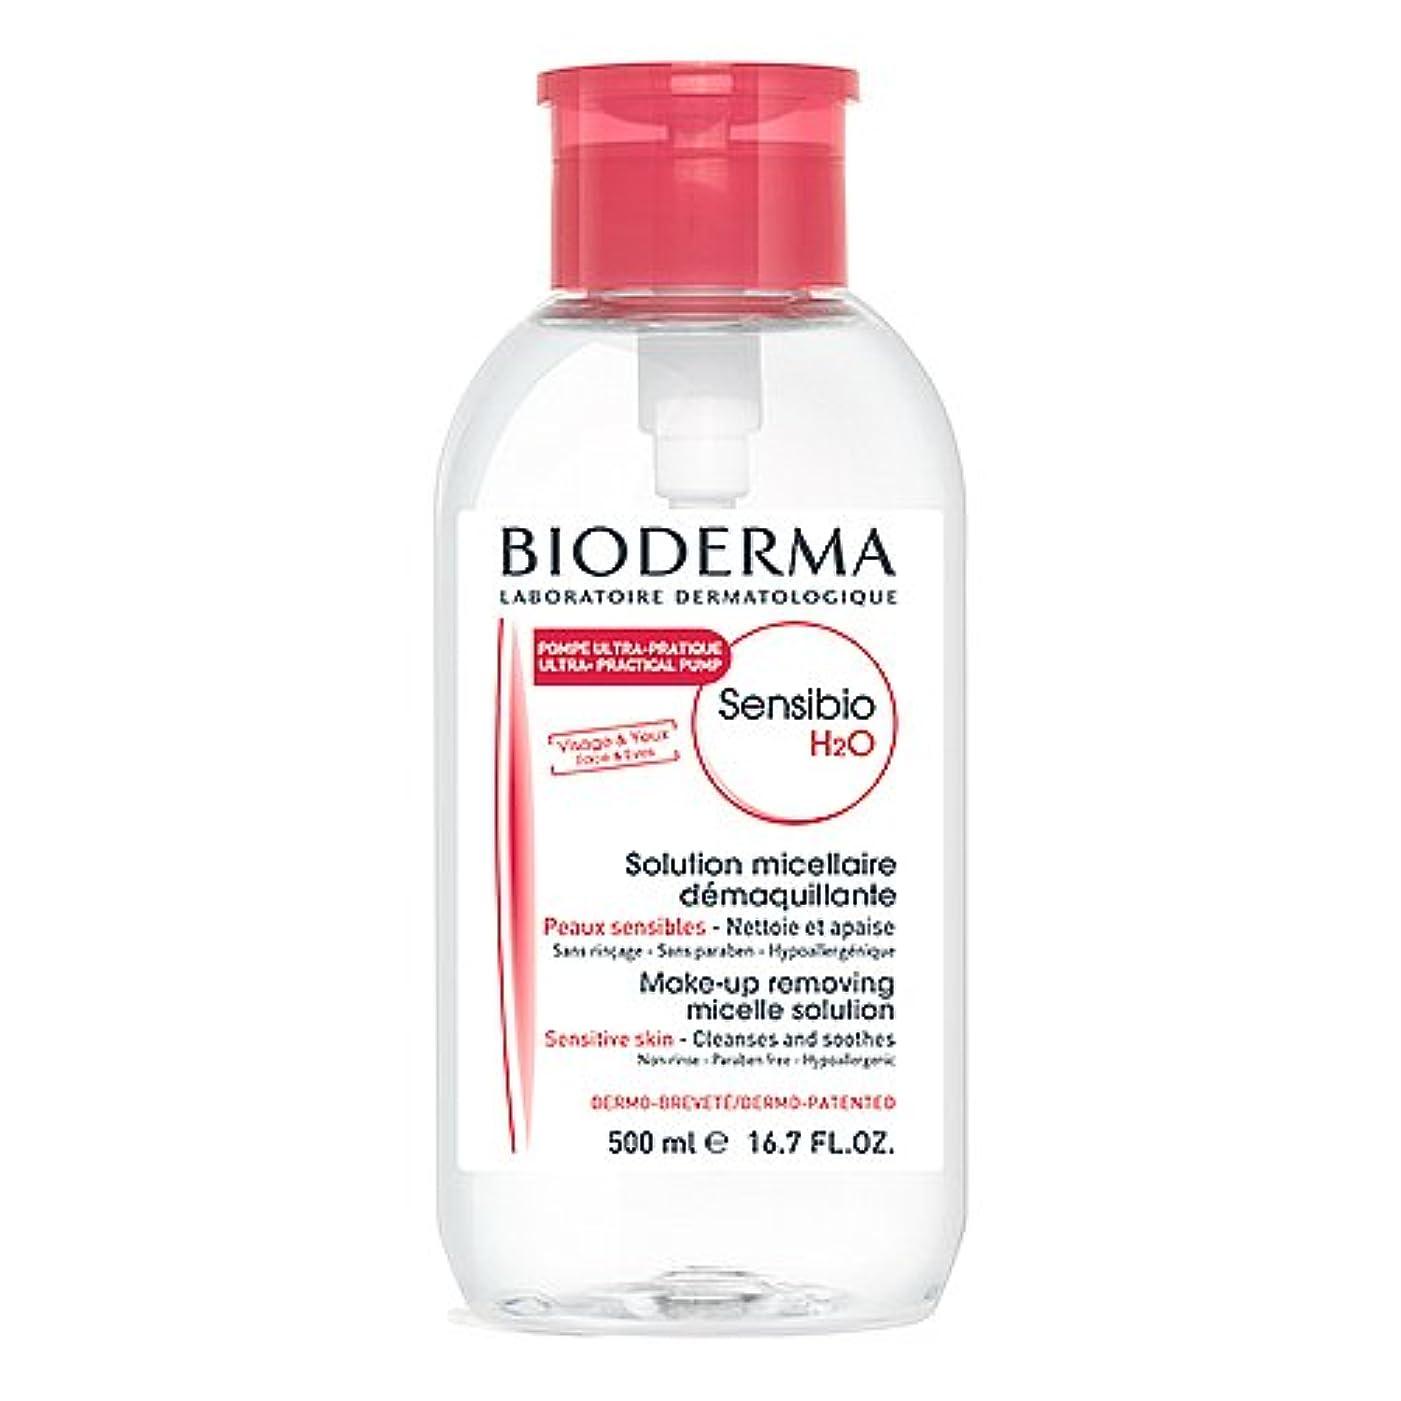 涙が出るレイアウト行列ビオデルマ BIODERMA サンシビオ H2O エイチツーオー D 500ml ポンプタイプ